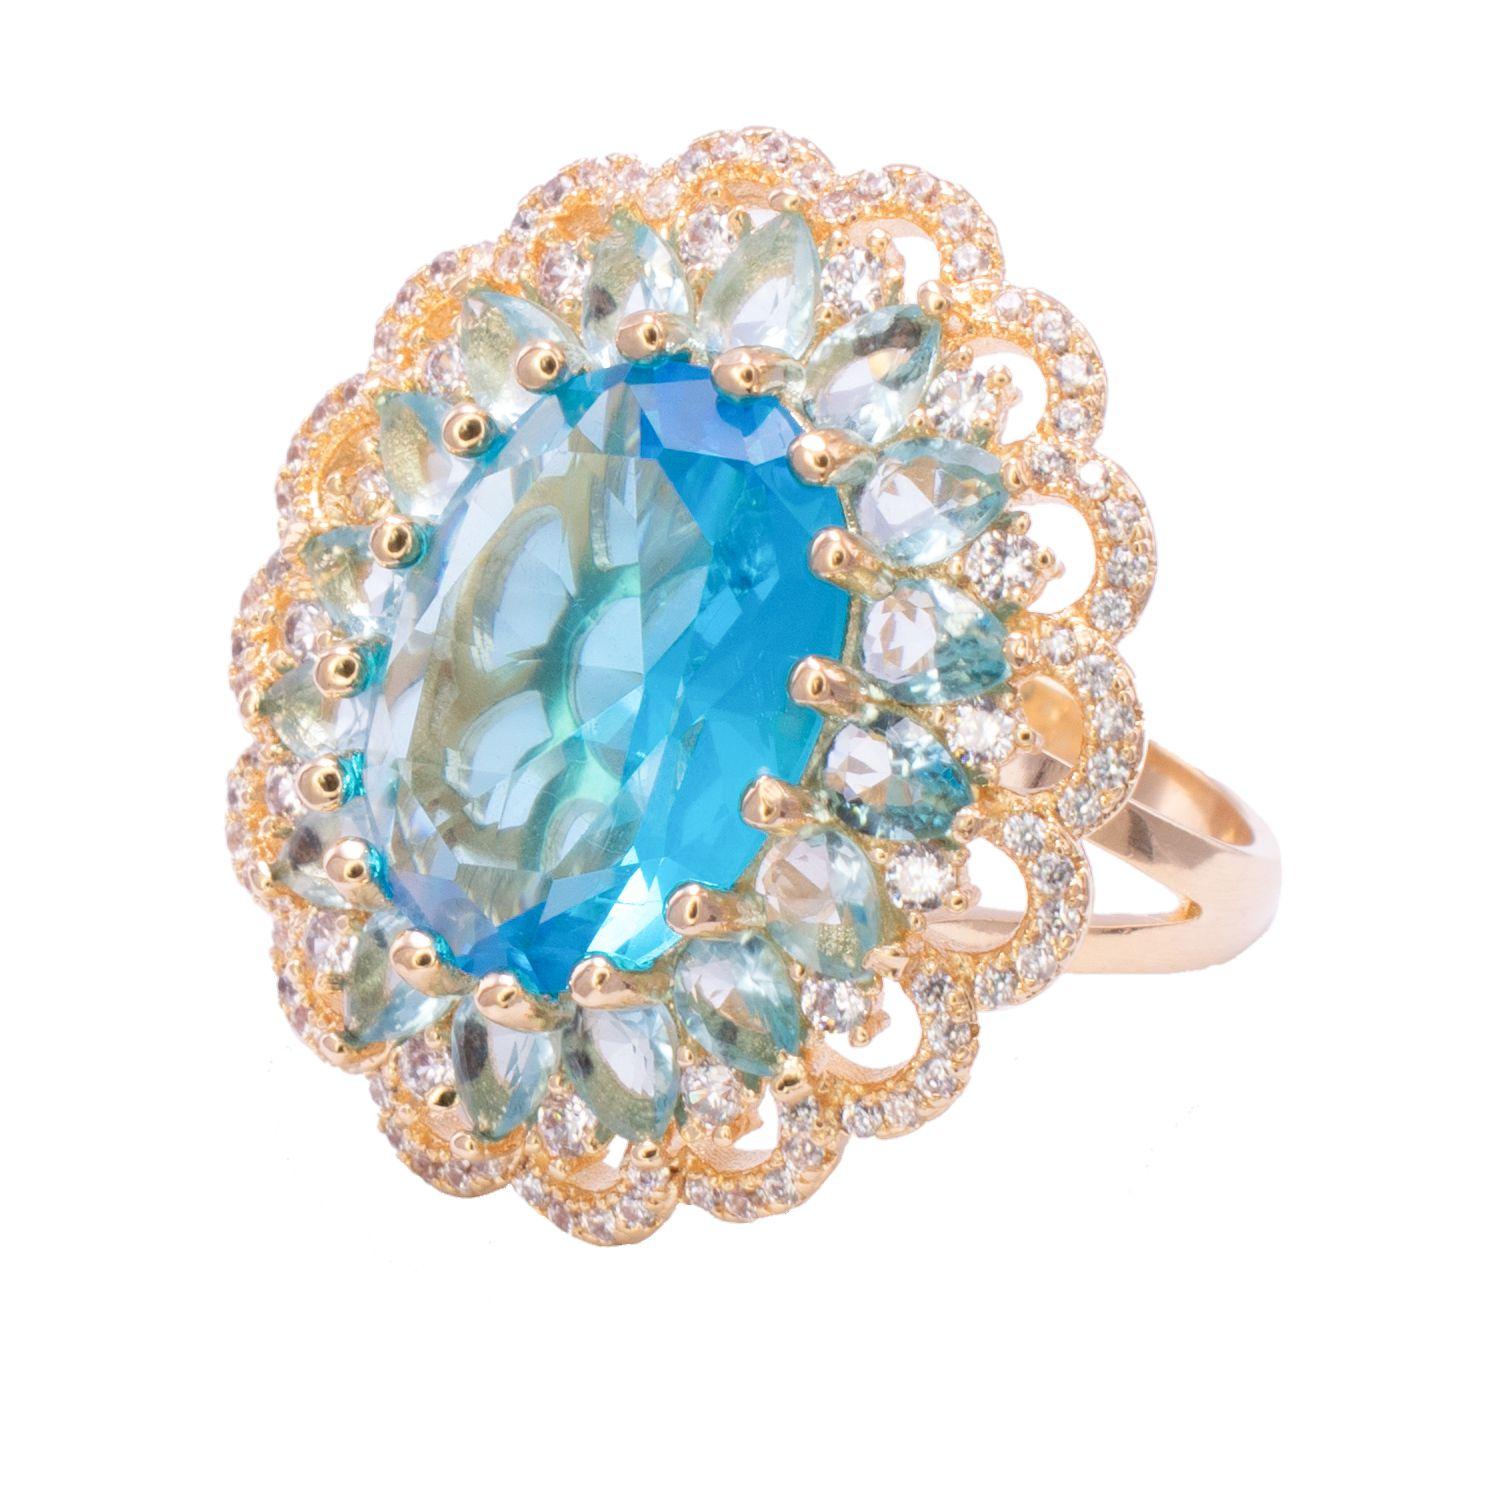 Anel com Cristal Azul e Pedras em Navete com Zircônias Folheado em Ouro 18k - Giro Semijoias